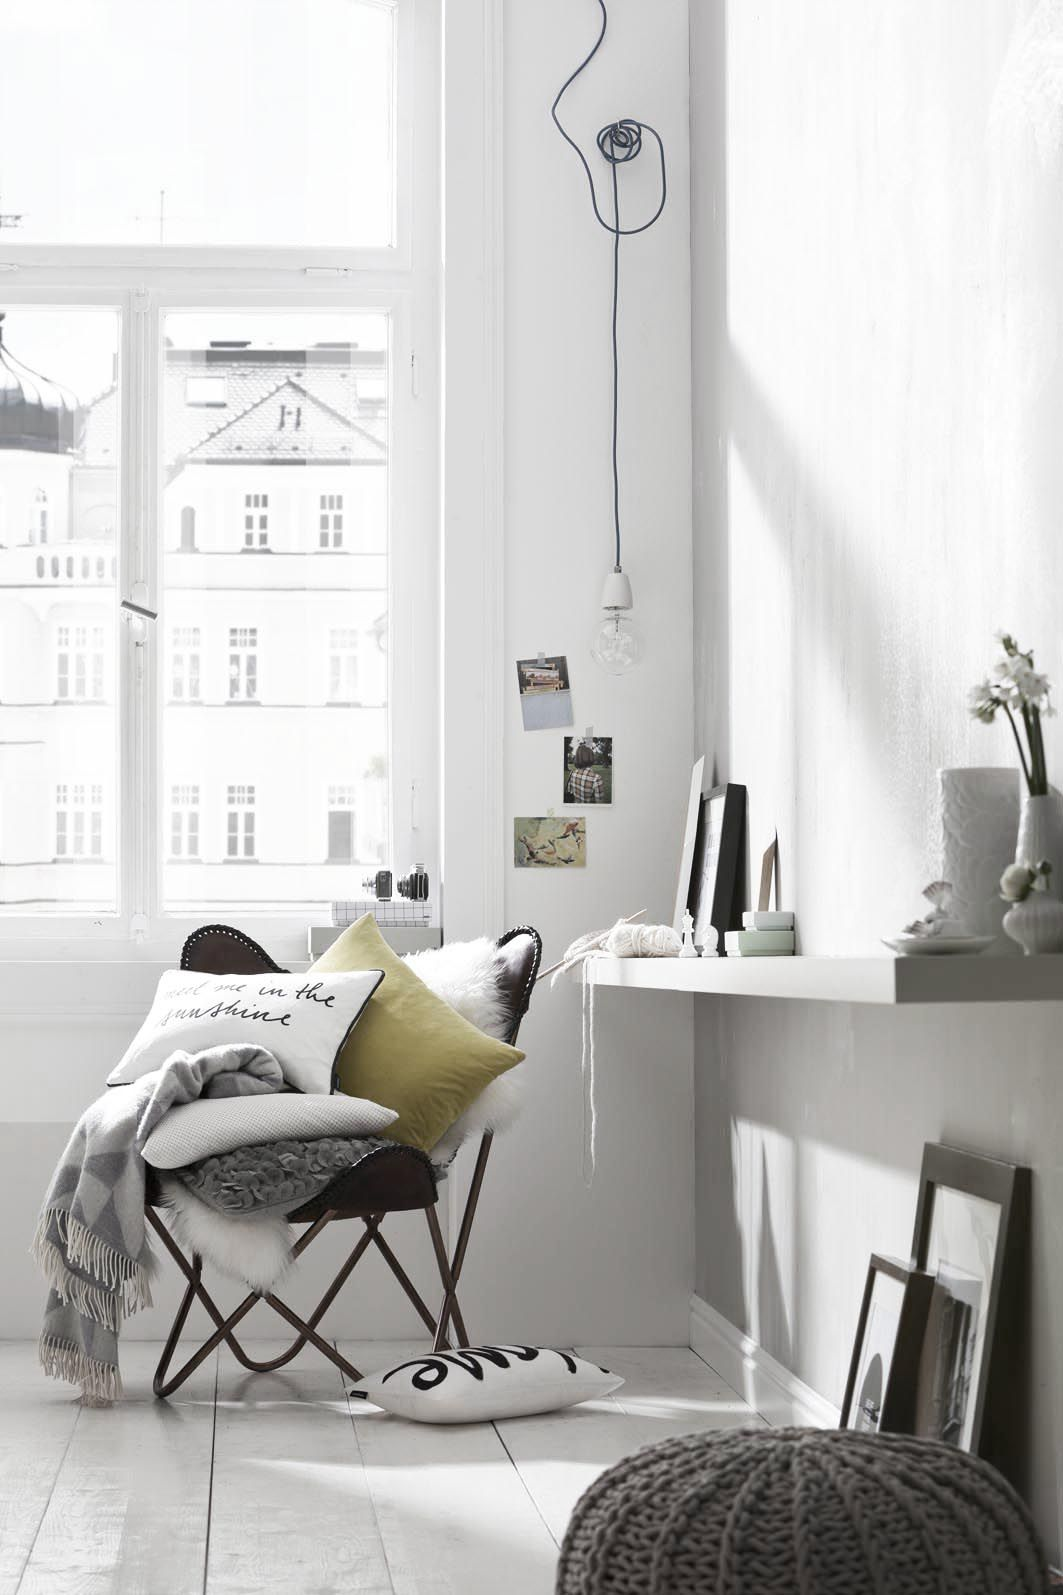 20170124053200 Wandlampen Schlafzimmer Höhe : Schöner Entwurf Mit Einem  Farbe Und Höchste Auflösung Image Von 20170124053200 Wandlampen Schlafzimmer  Höhe.